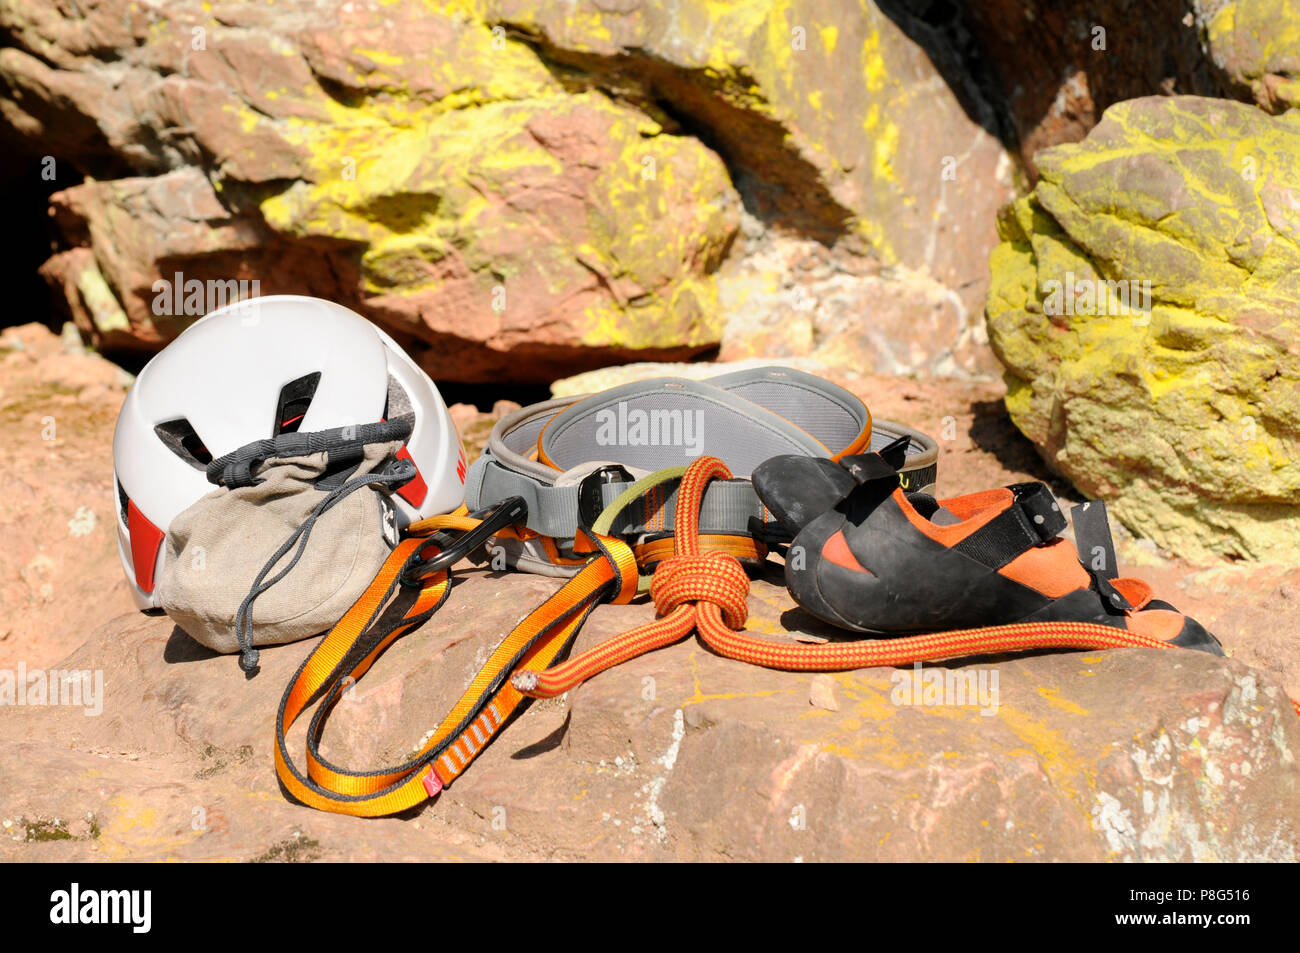 Klettergurt Mit Helm : Kletterausrüstung klettern klettergurt gurtband acht knoten